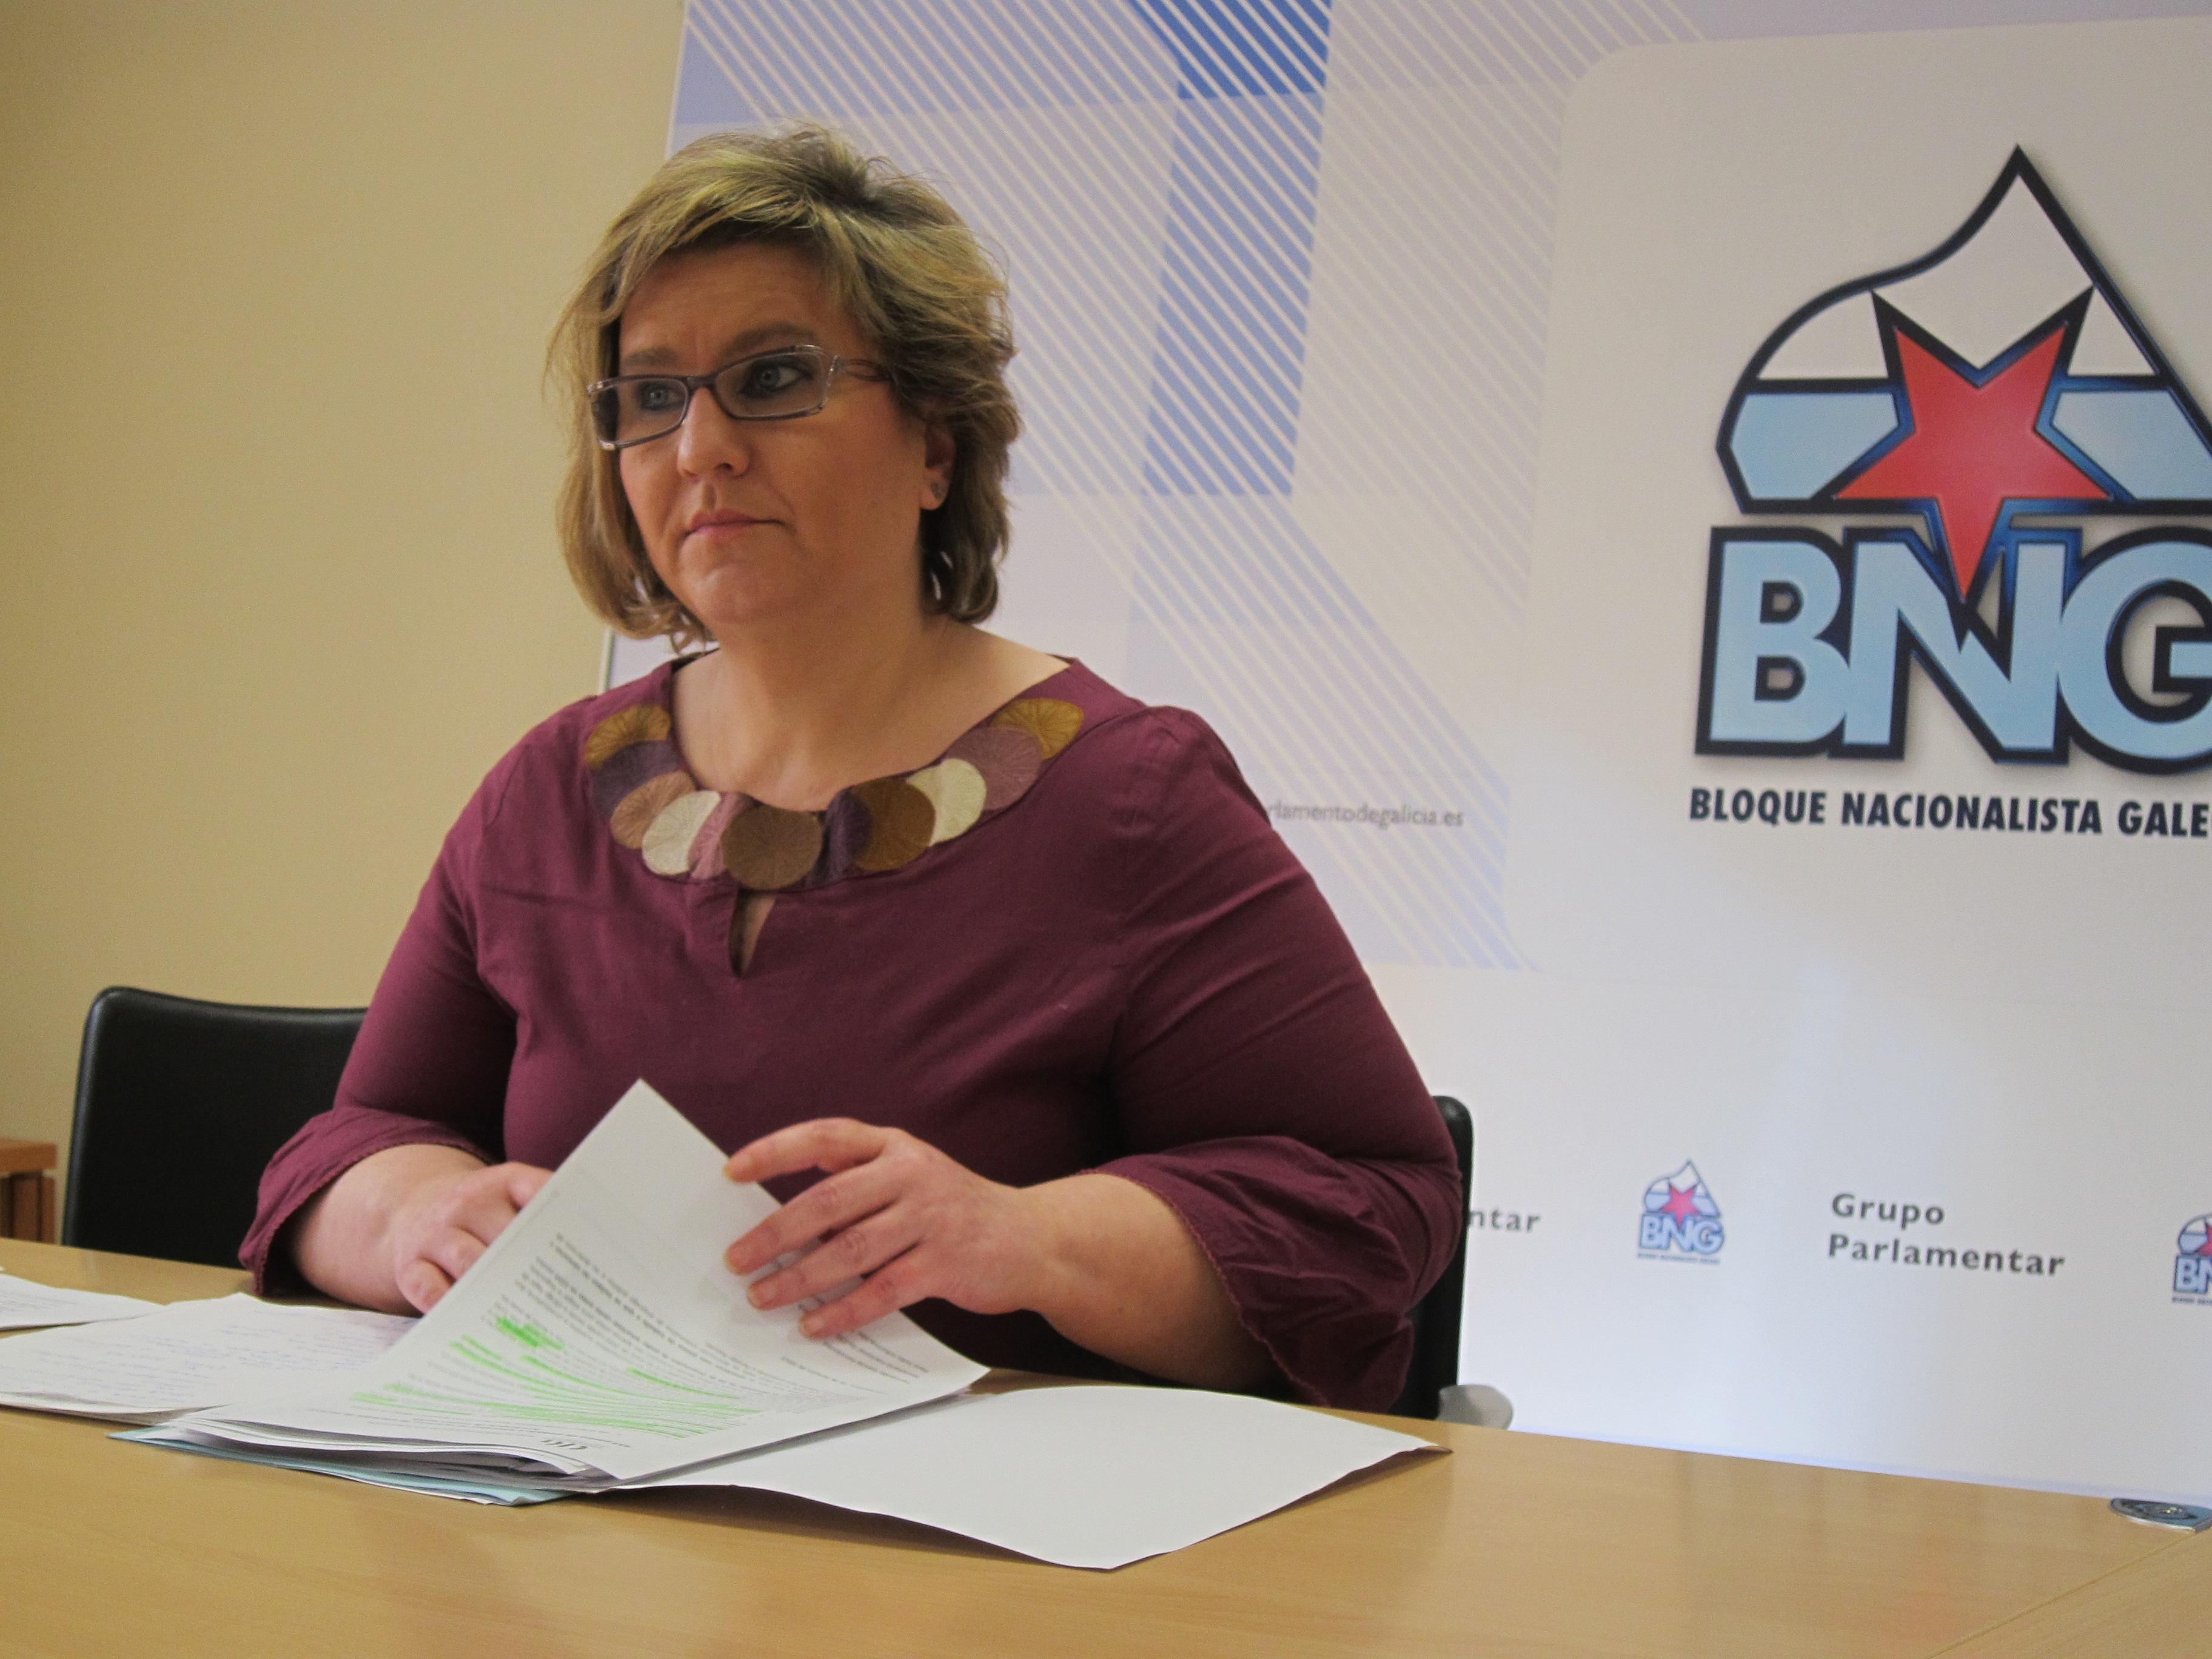 El BNG pide al Gobierno que «paralice» expedientes sancionadores a emigrantes retornados y aplique la ley desde 2012